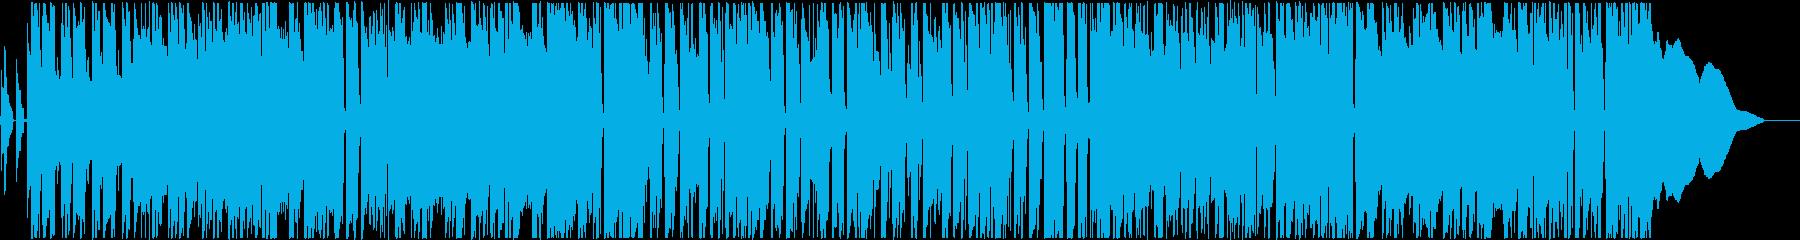 ガットギターメインの爽やかな曲ですの再生済みの波形